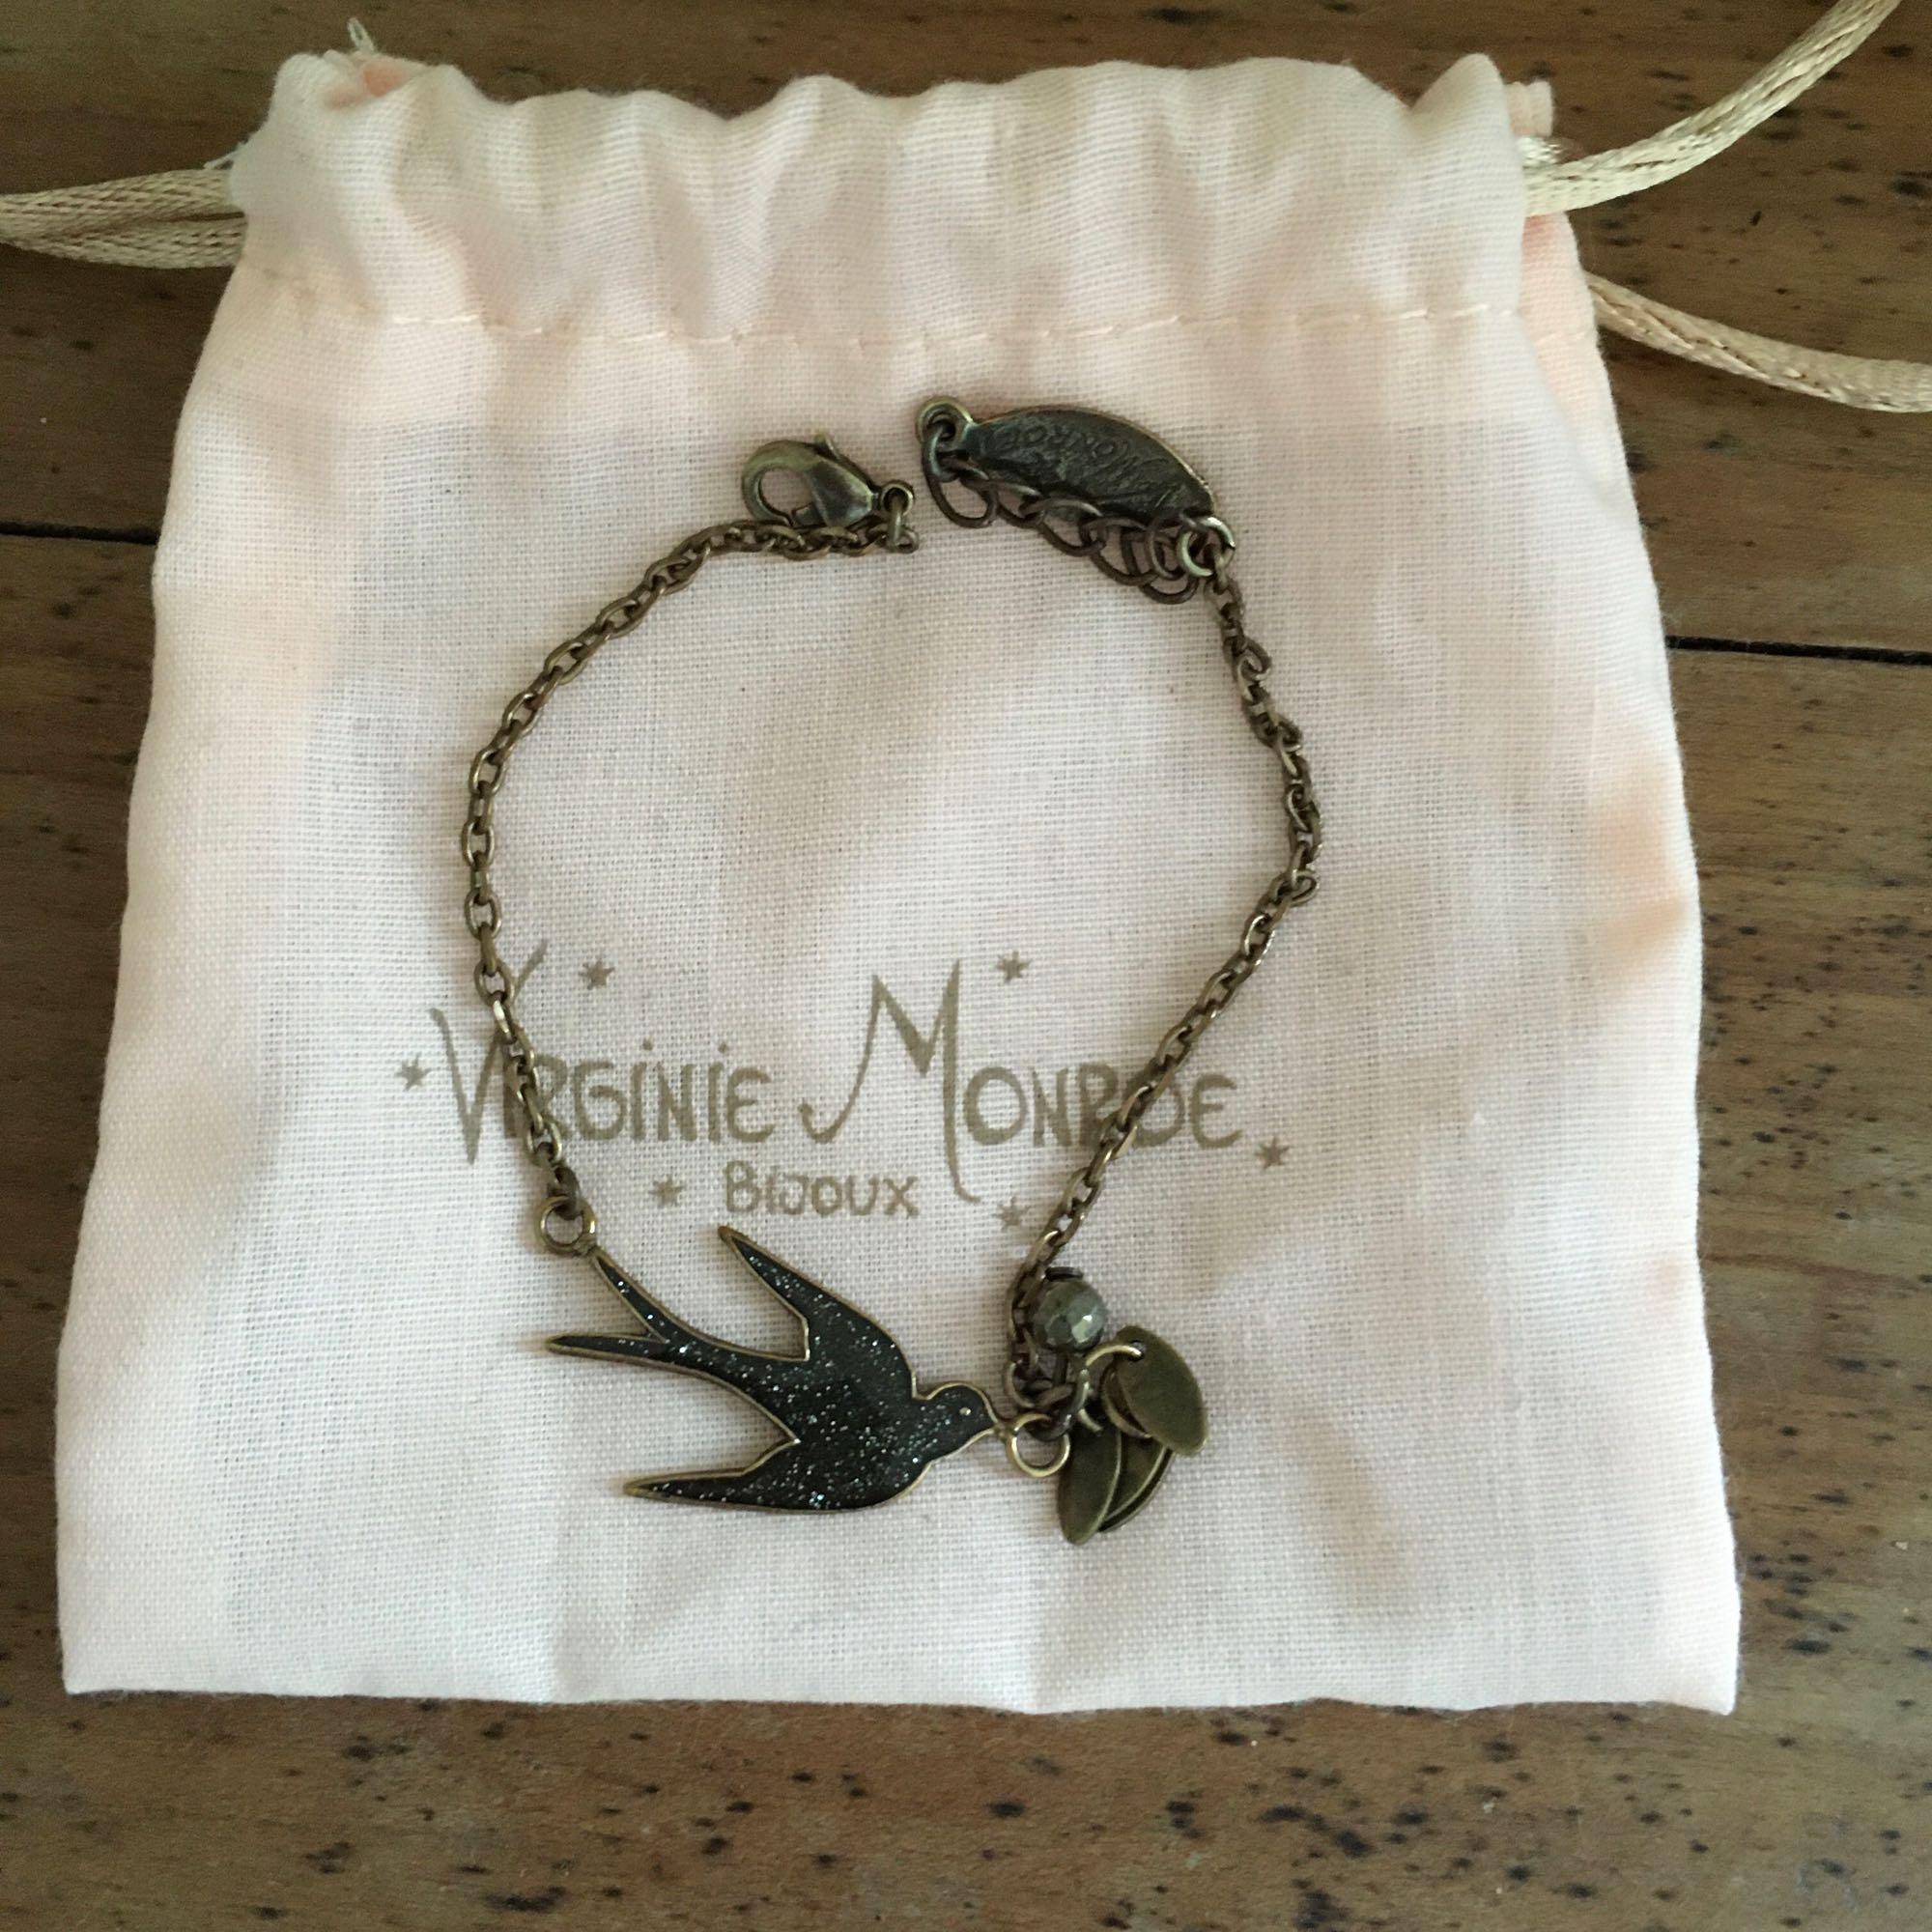 Bracelet VIRGINIE MONROE Noir